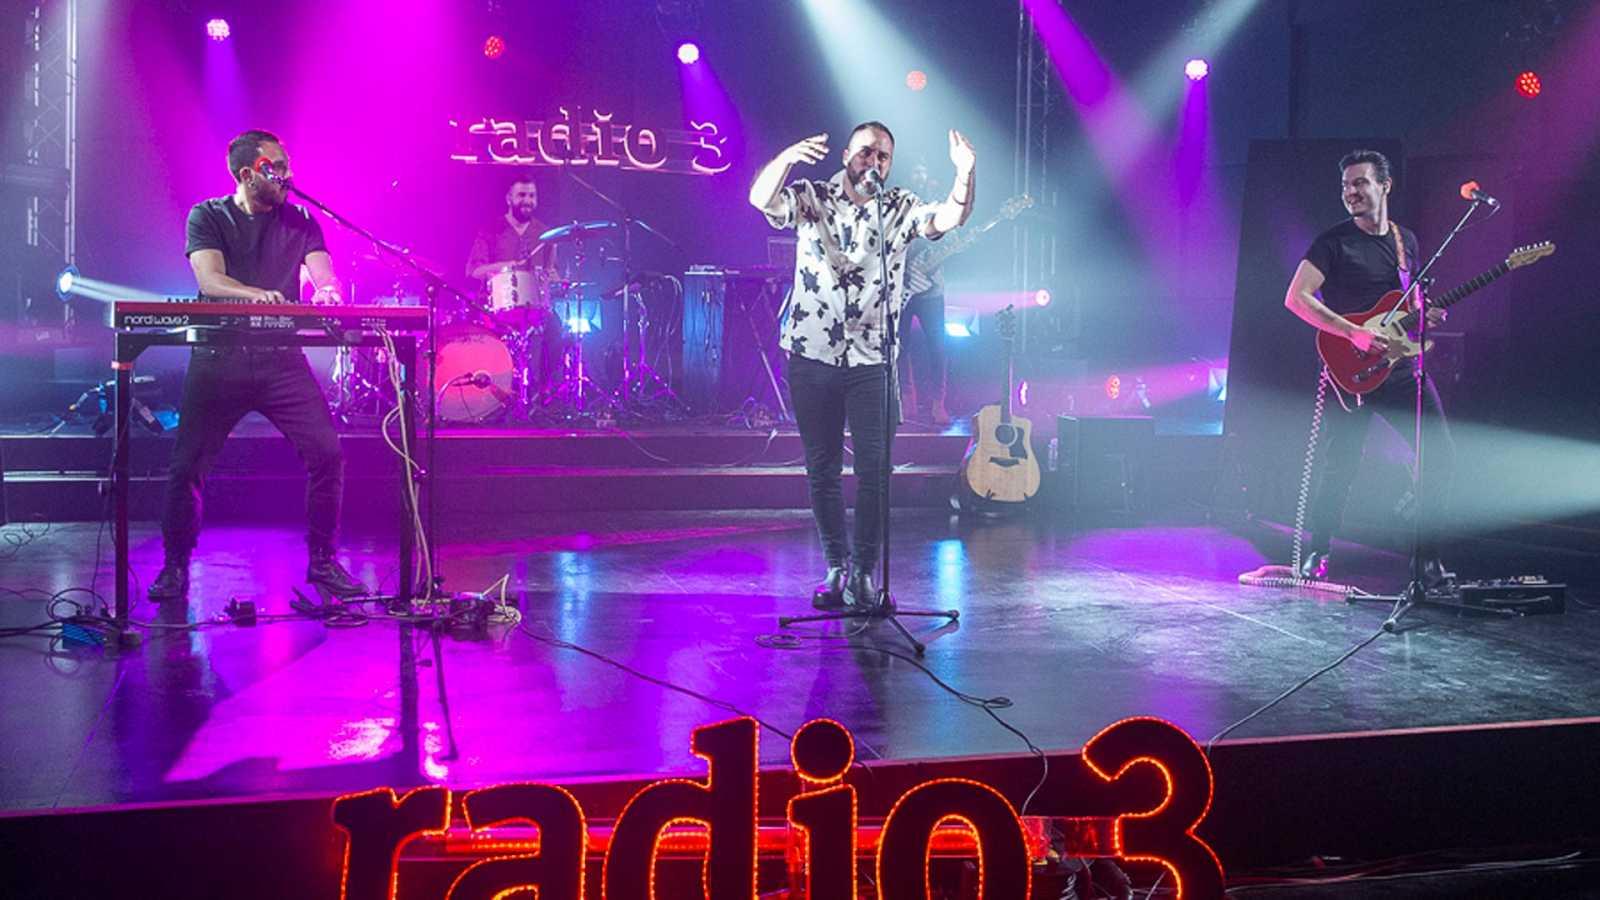 Los conciertos de Radio 3 - Lunáticos - ver ahora